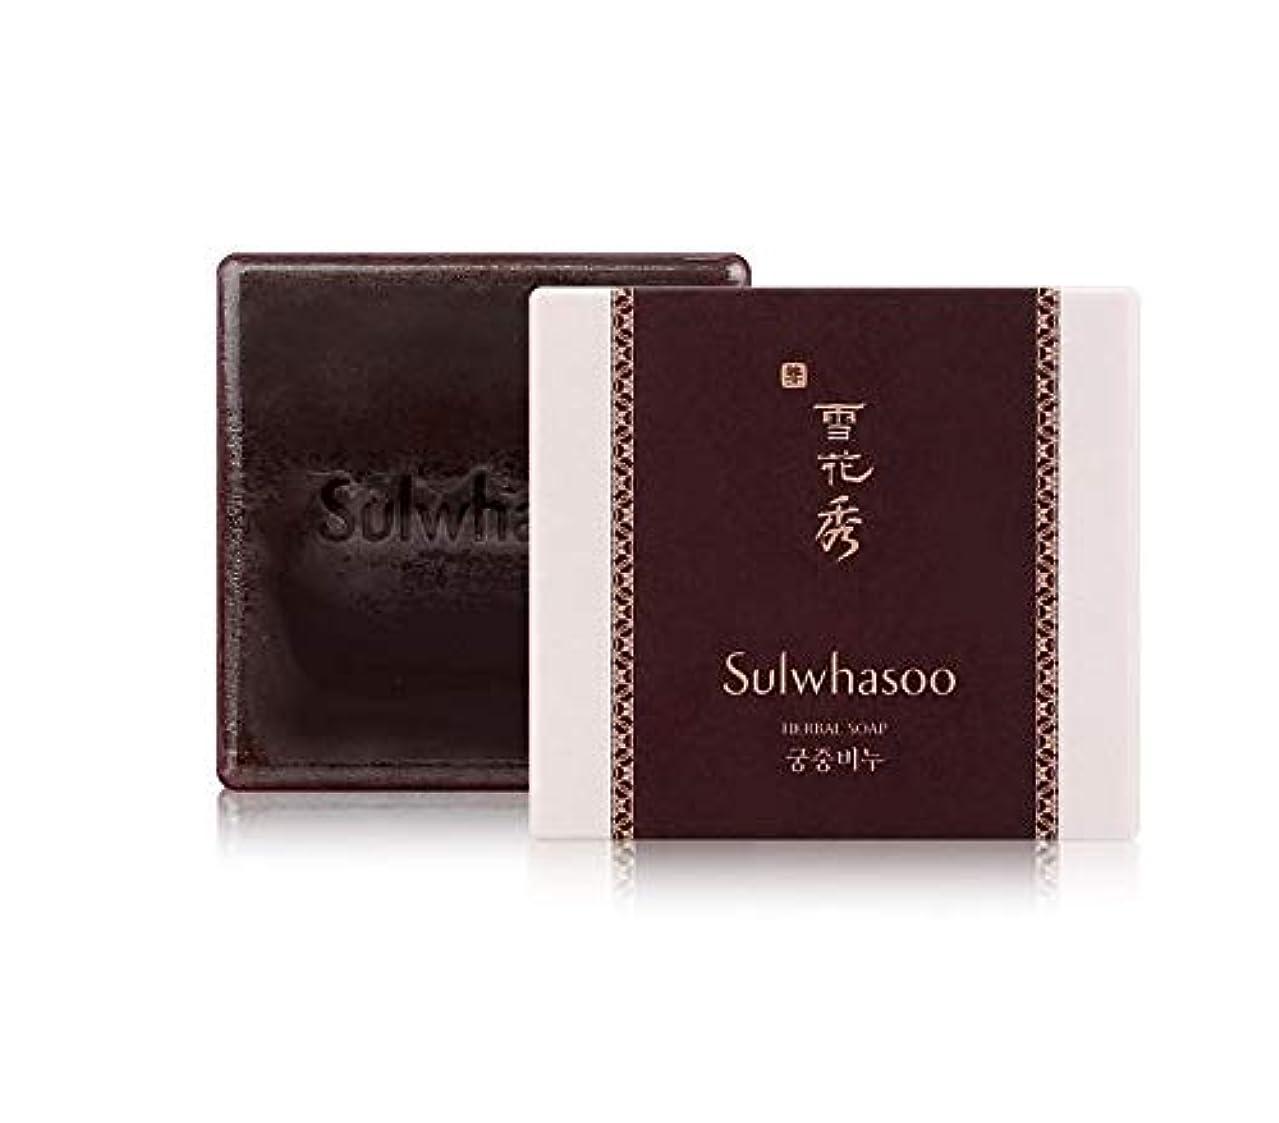 針続編泣き叫ぶ[雪花秀] SULWHASOO HERBAL SOAP 宮中石鹸 (韩国正品)